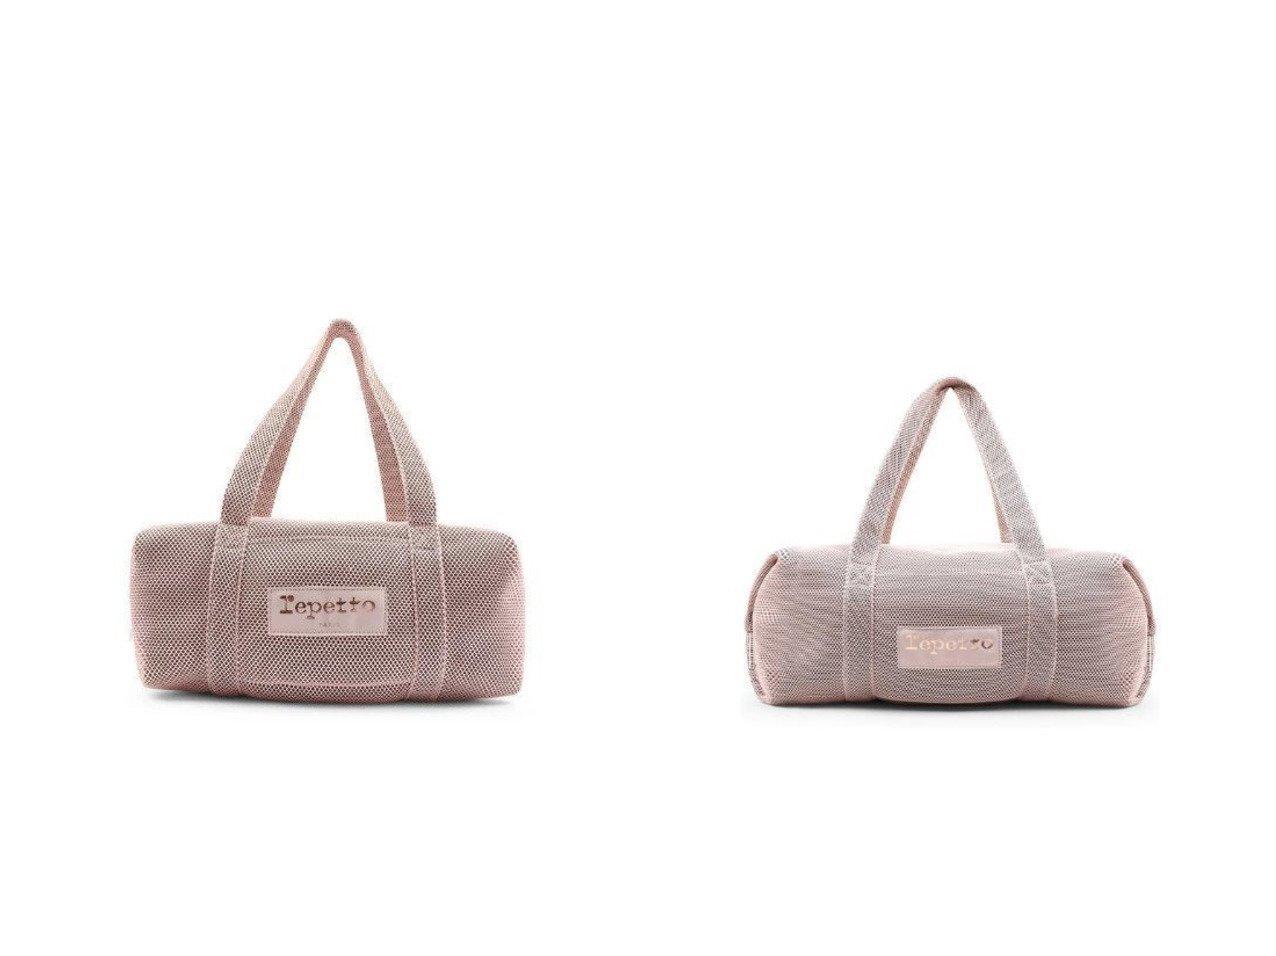 【repetto/レペット】のDuffle bag size L&Duffle bag size M 【バッグ・鞄】おすすめ!人気、トレンド・レディースファッションの通販  | レディースファッション・服の通販 founy(ファニー)